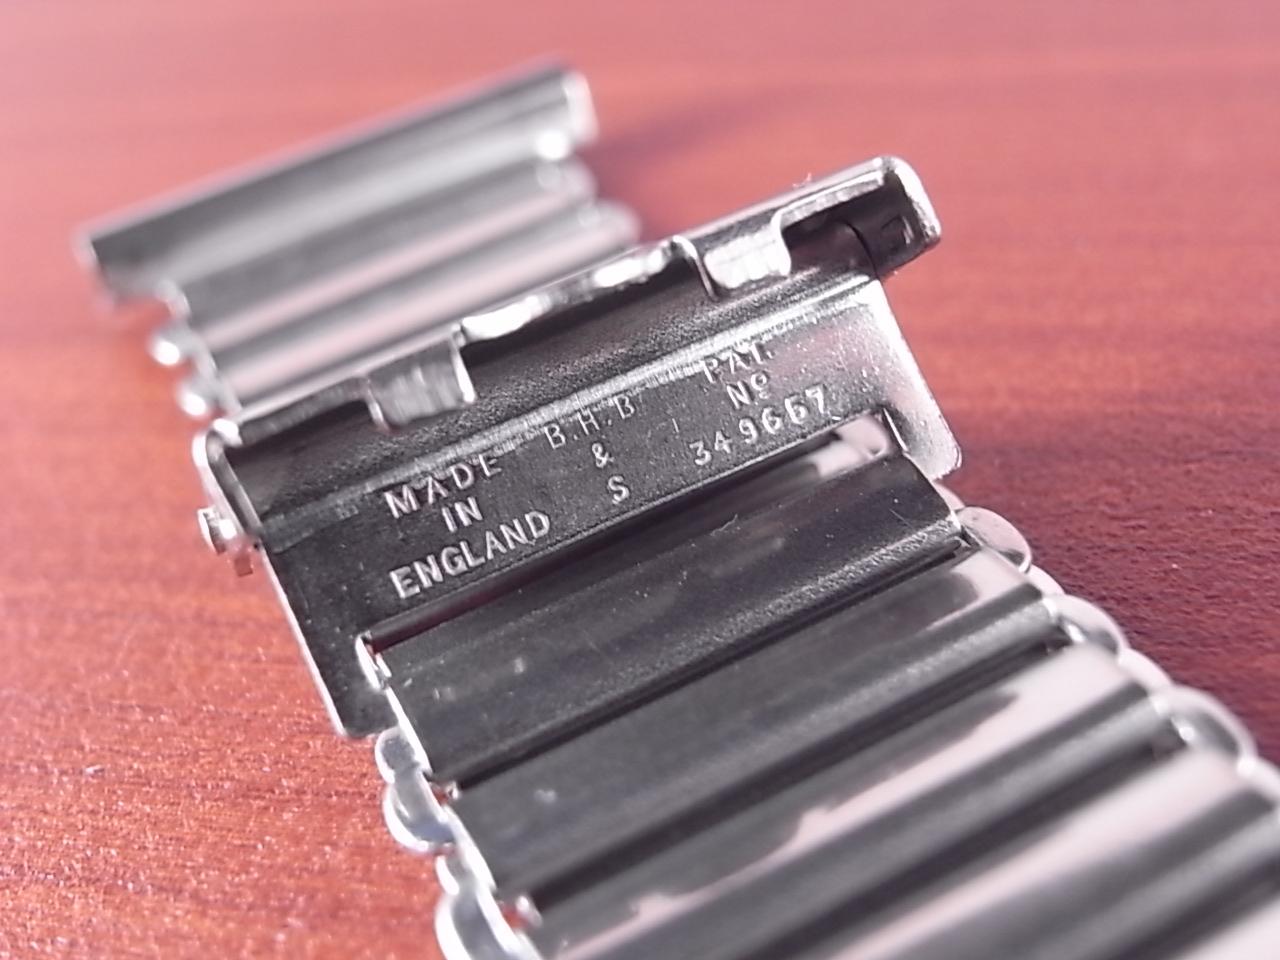 ボンクリップ バンブーブレス NOS リンク16mm 取付18mm SS 1940年代の写真3枚目